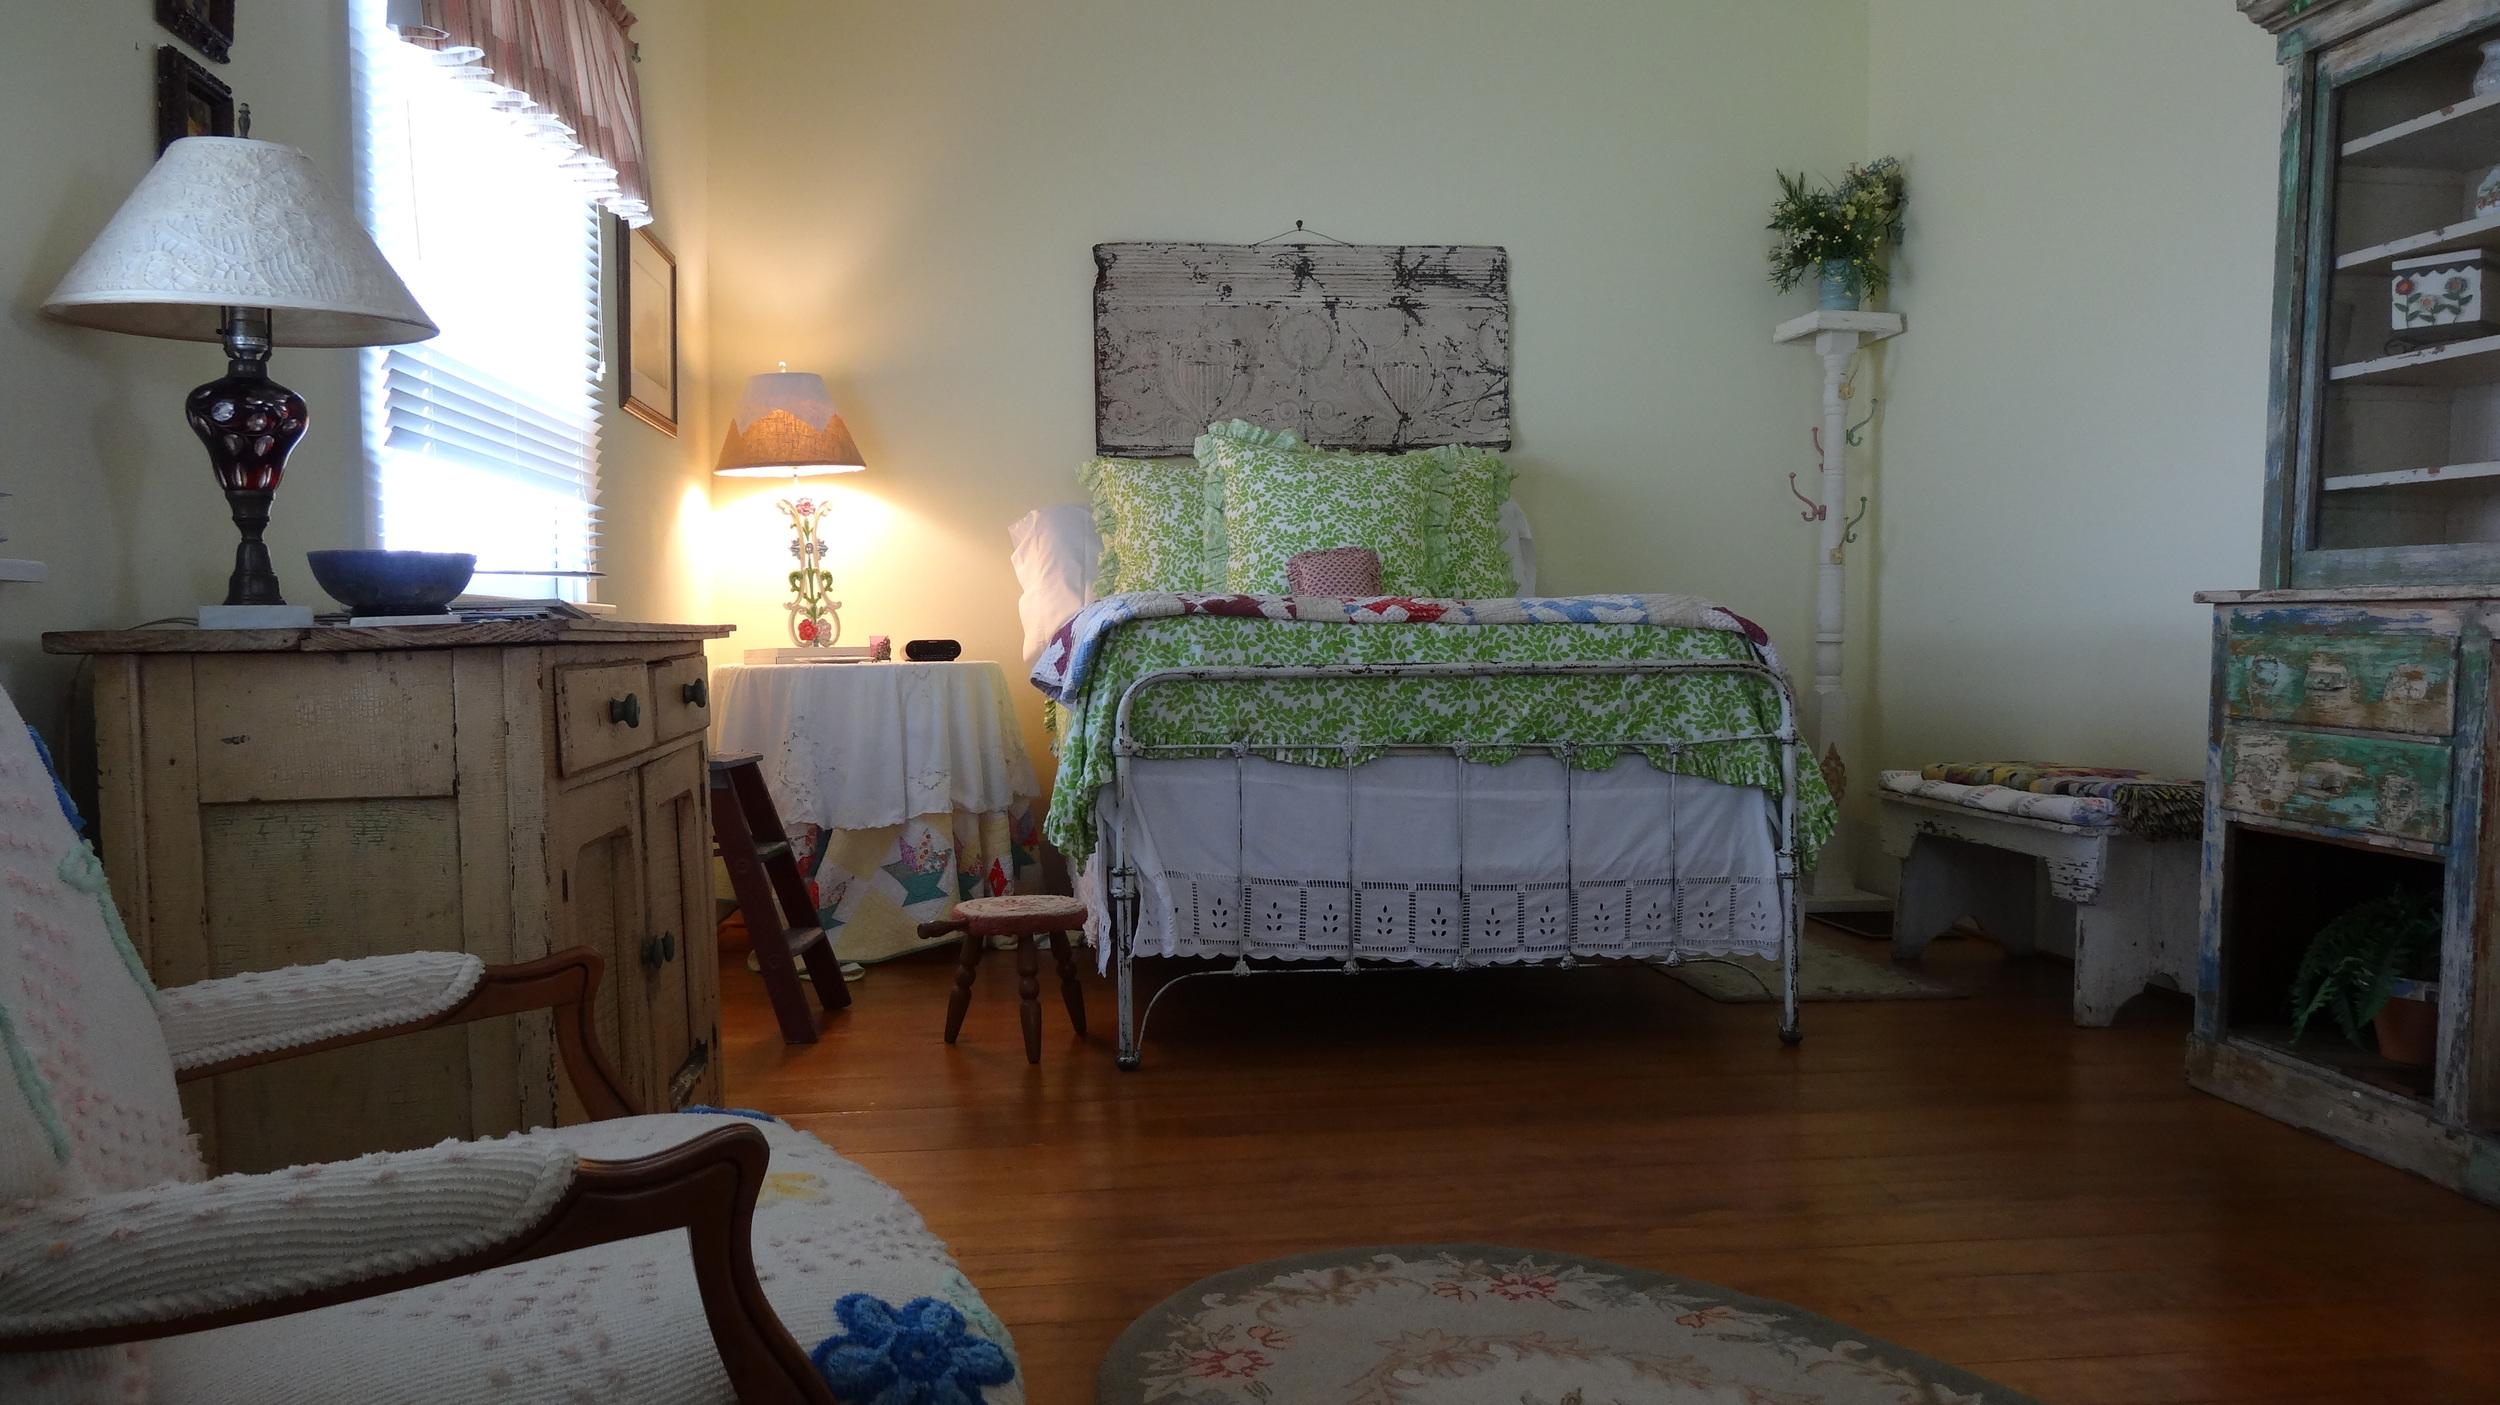 More photos of The Garden Room